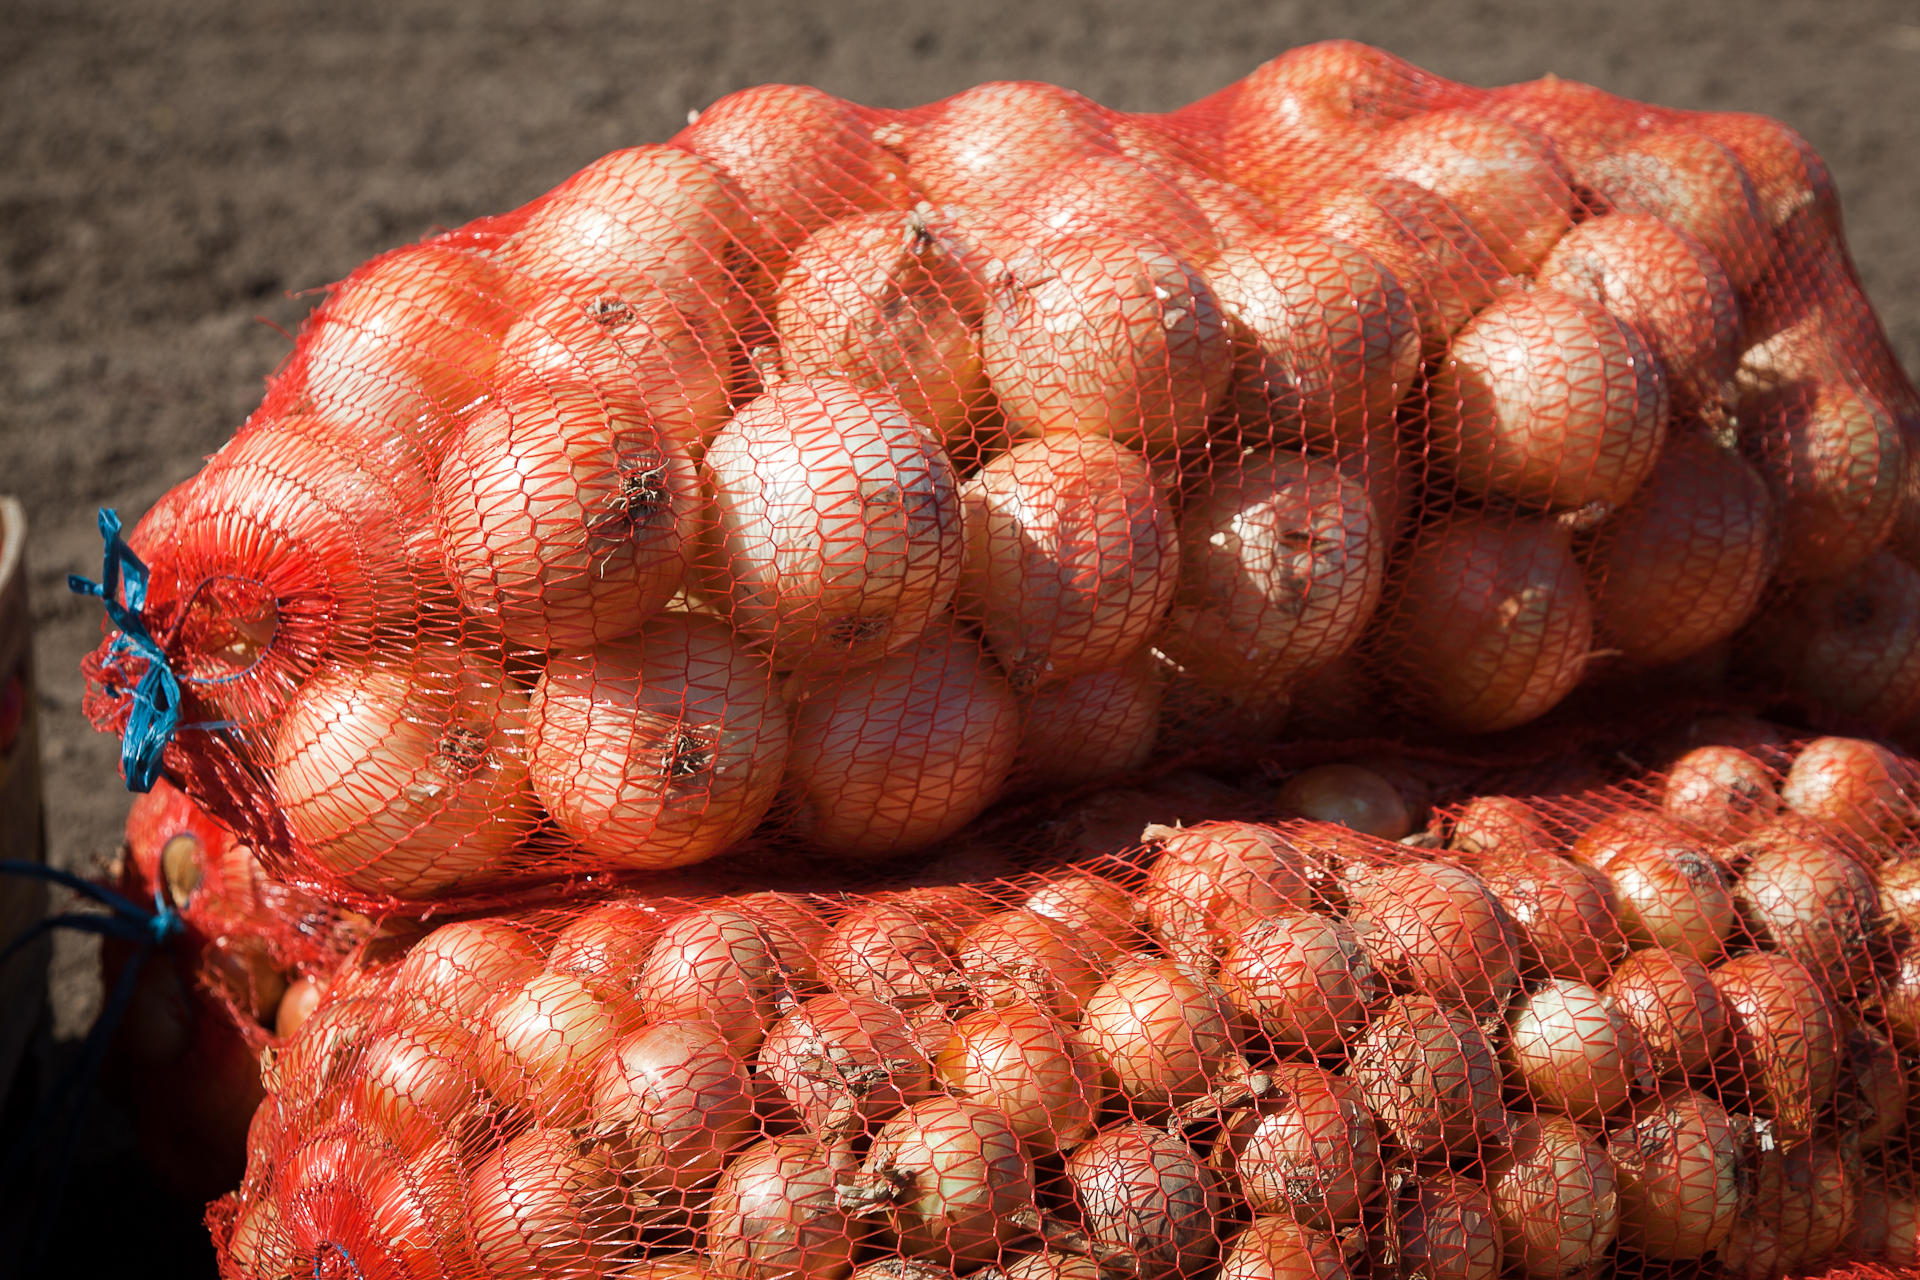 Овощехранилища Волгоградской области вмещают 200 тыс. тонн сельхозпродуктов